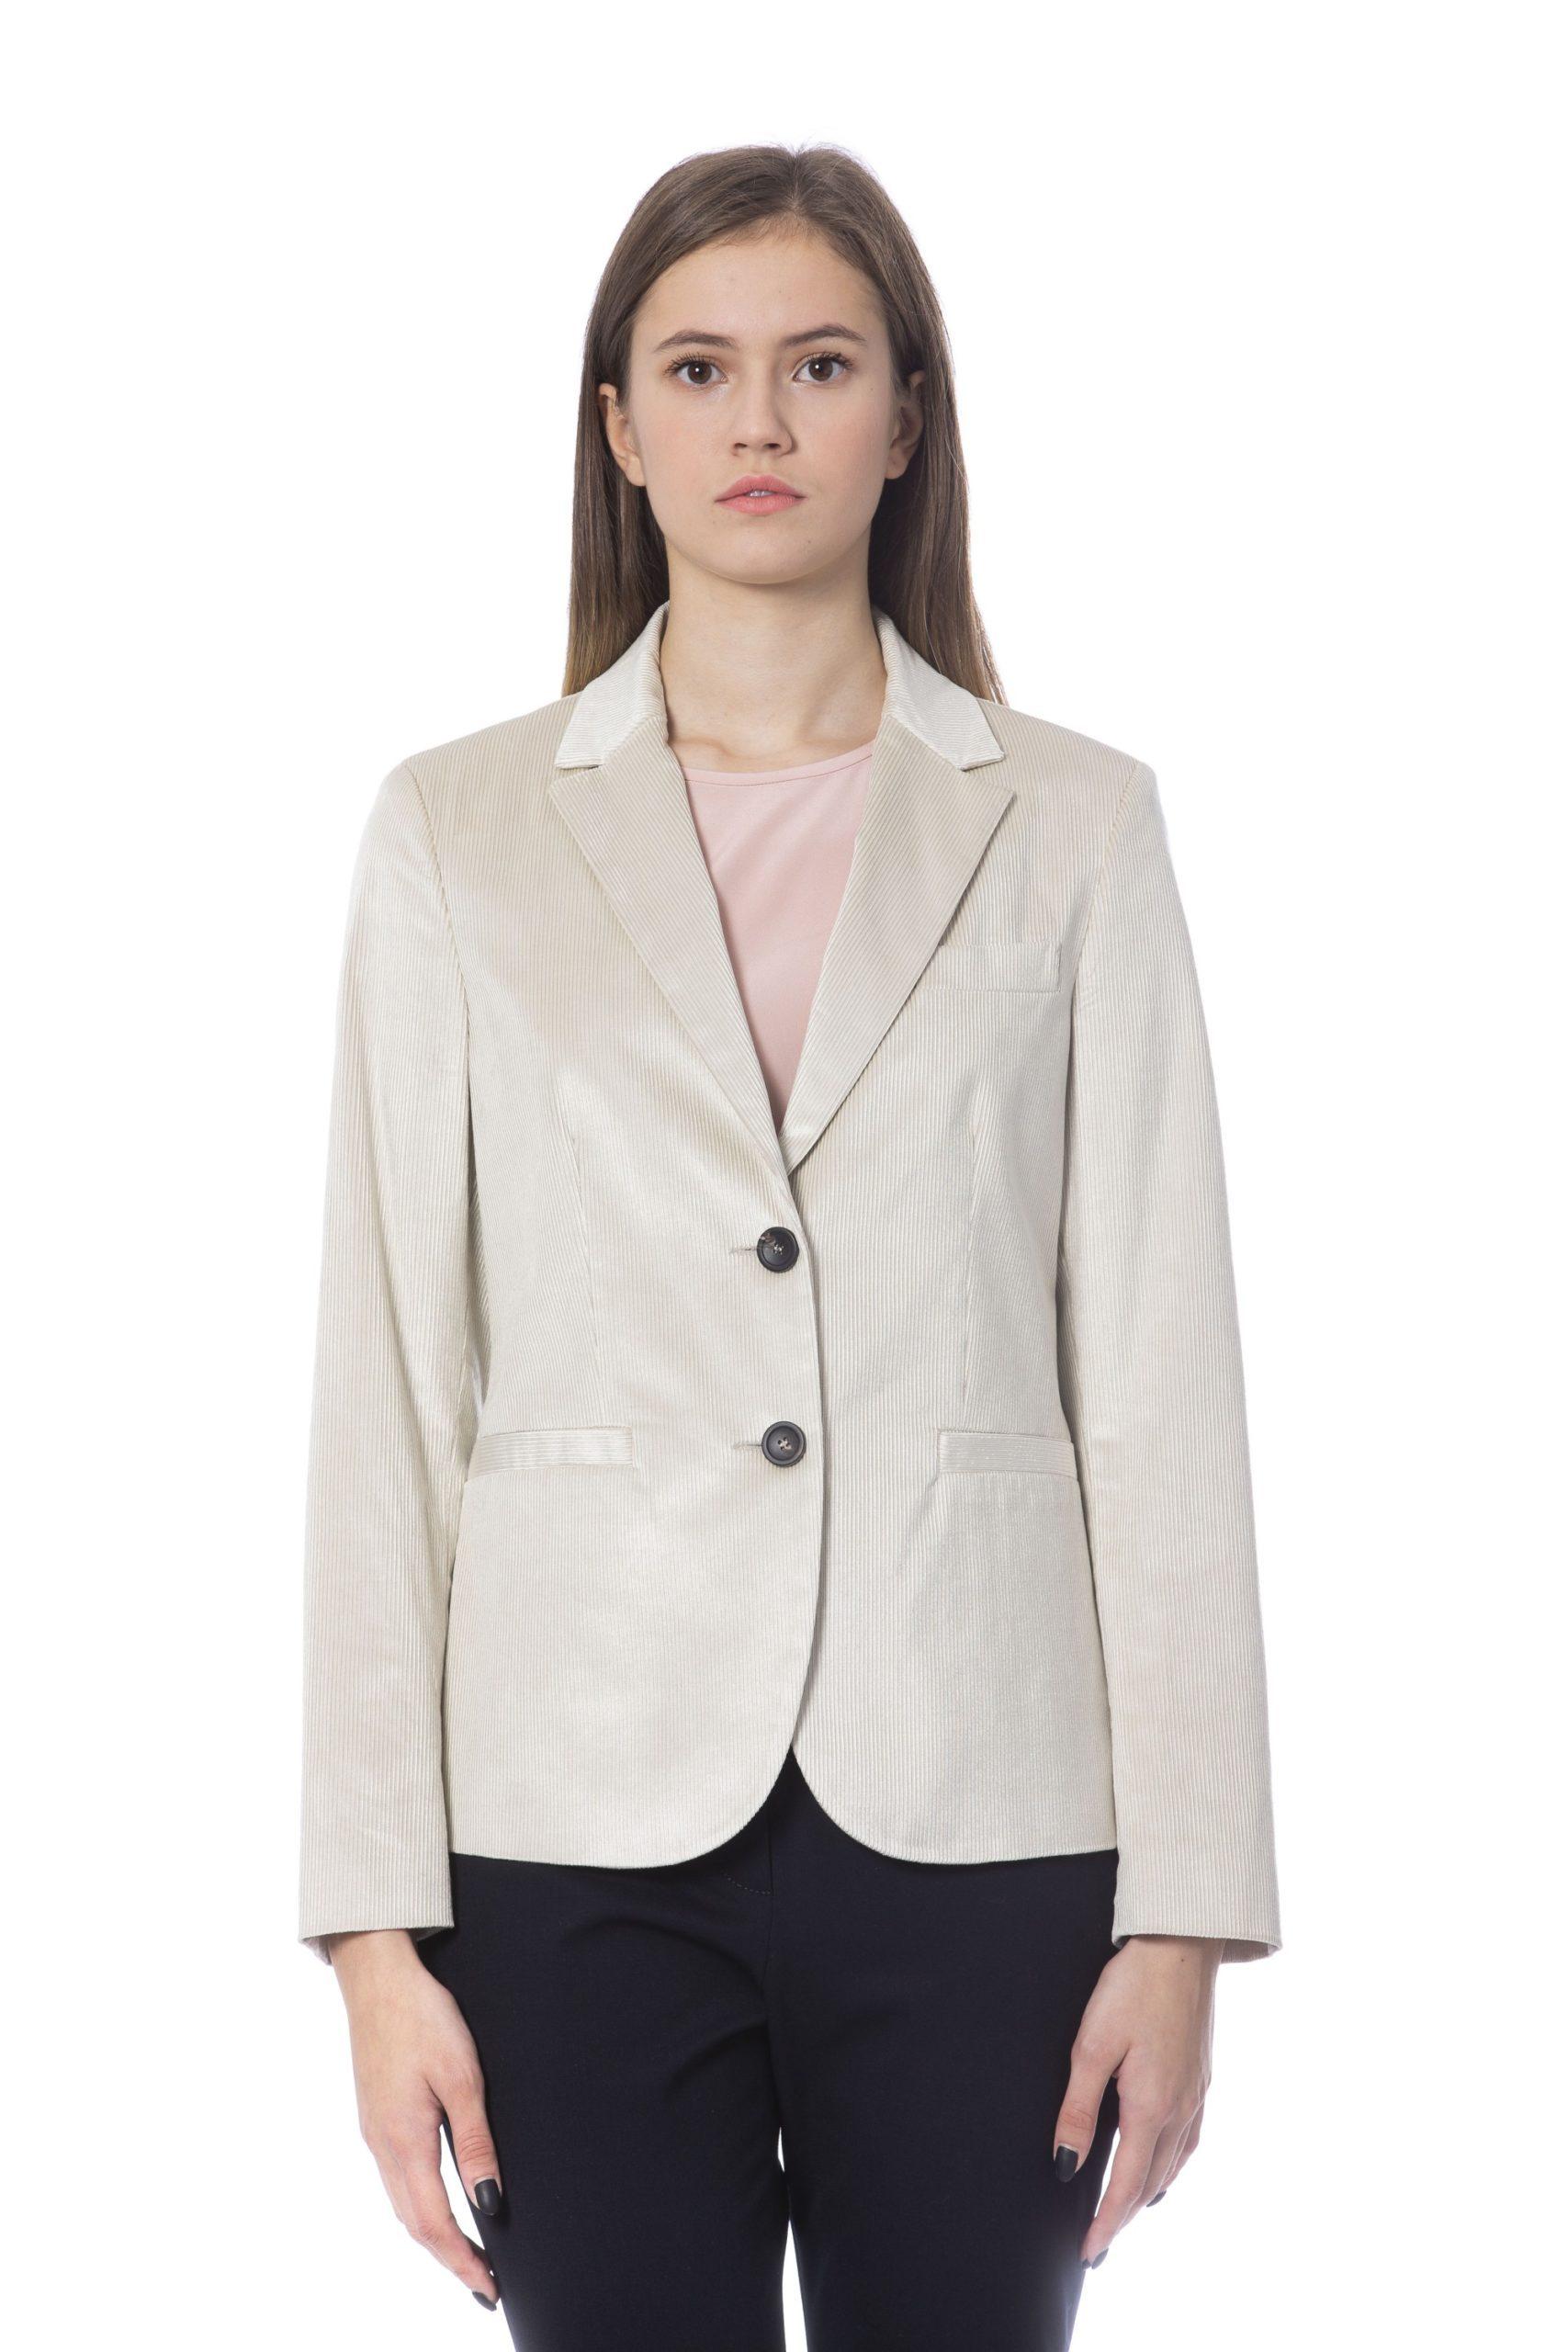 Peserico Women's Jackets Beige PE854142 - IT42   S